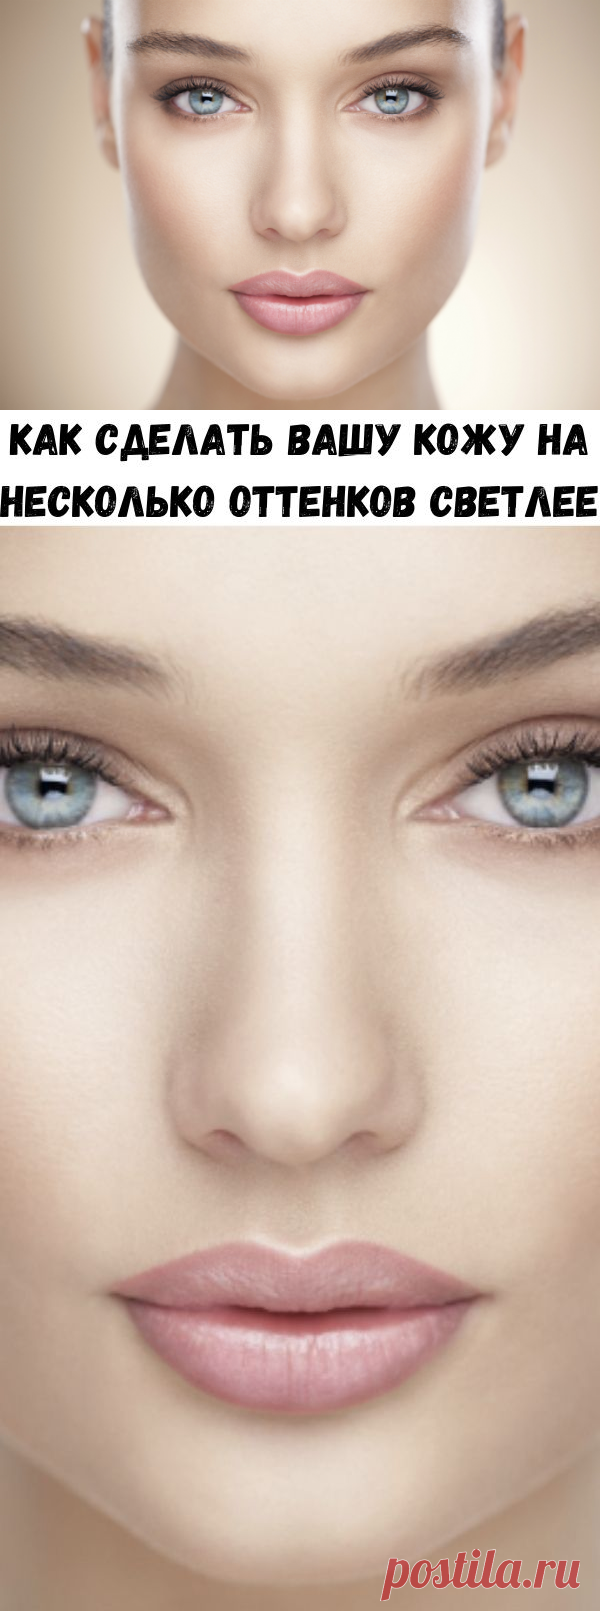 Как сделать вашу кожу на несколько оттенков светлее - Полезные советы красоты